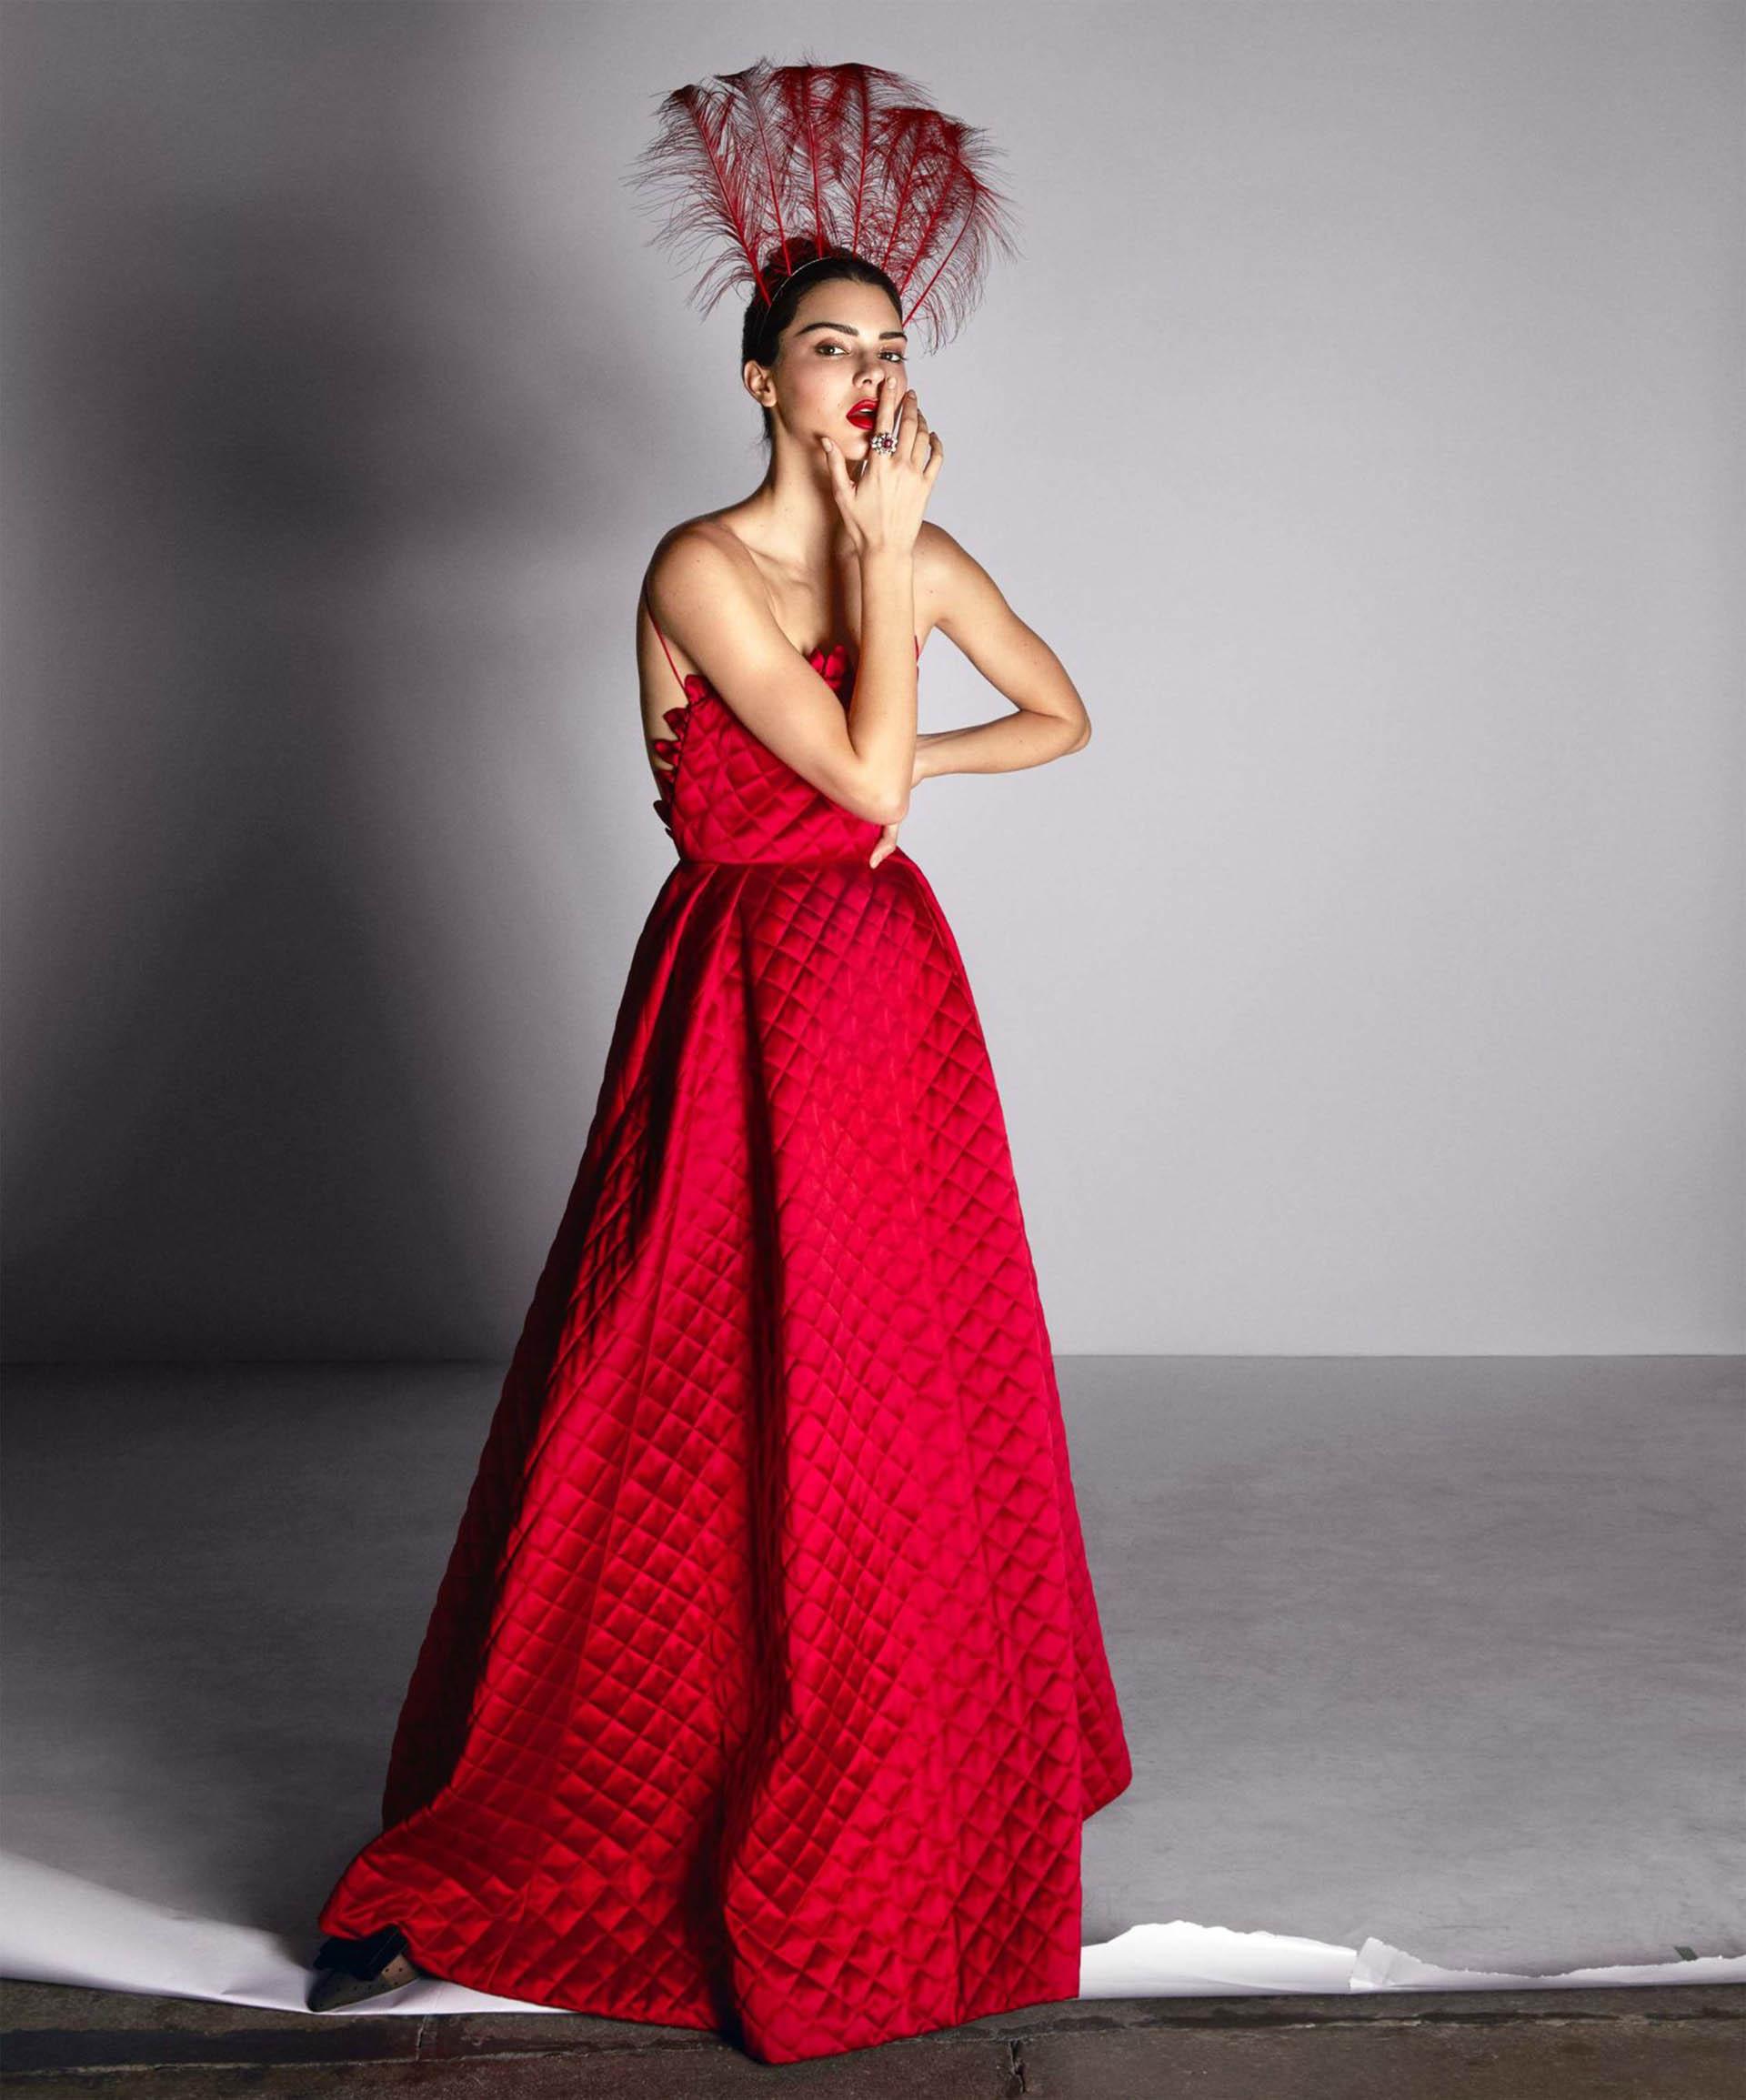 Vestido rojo de Dior Haute Couture con tocado de plumas a tono, y zapatos de la misma colección. Joyas Dior Fine Jewelry (Camilla Akrans)